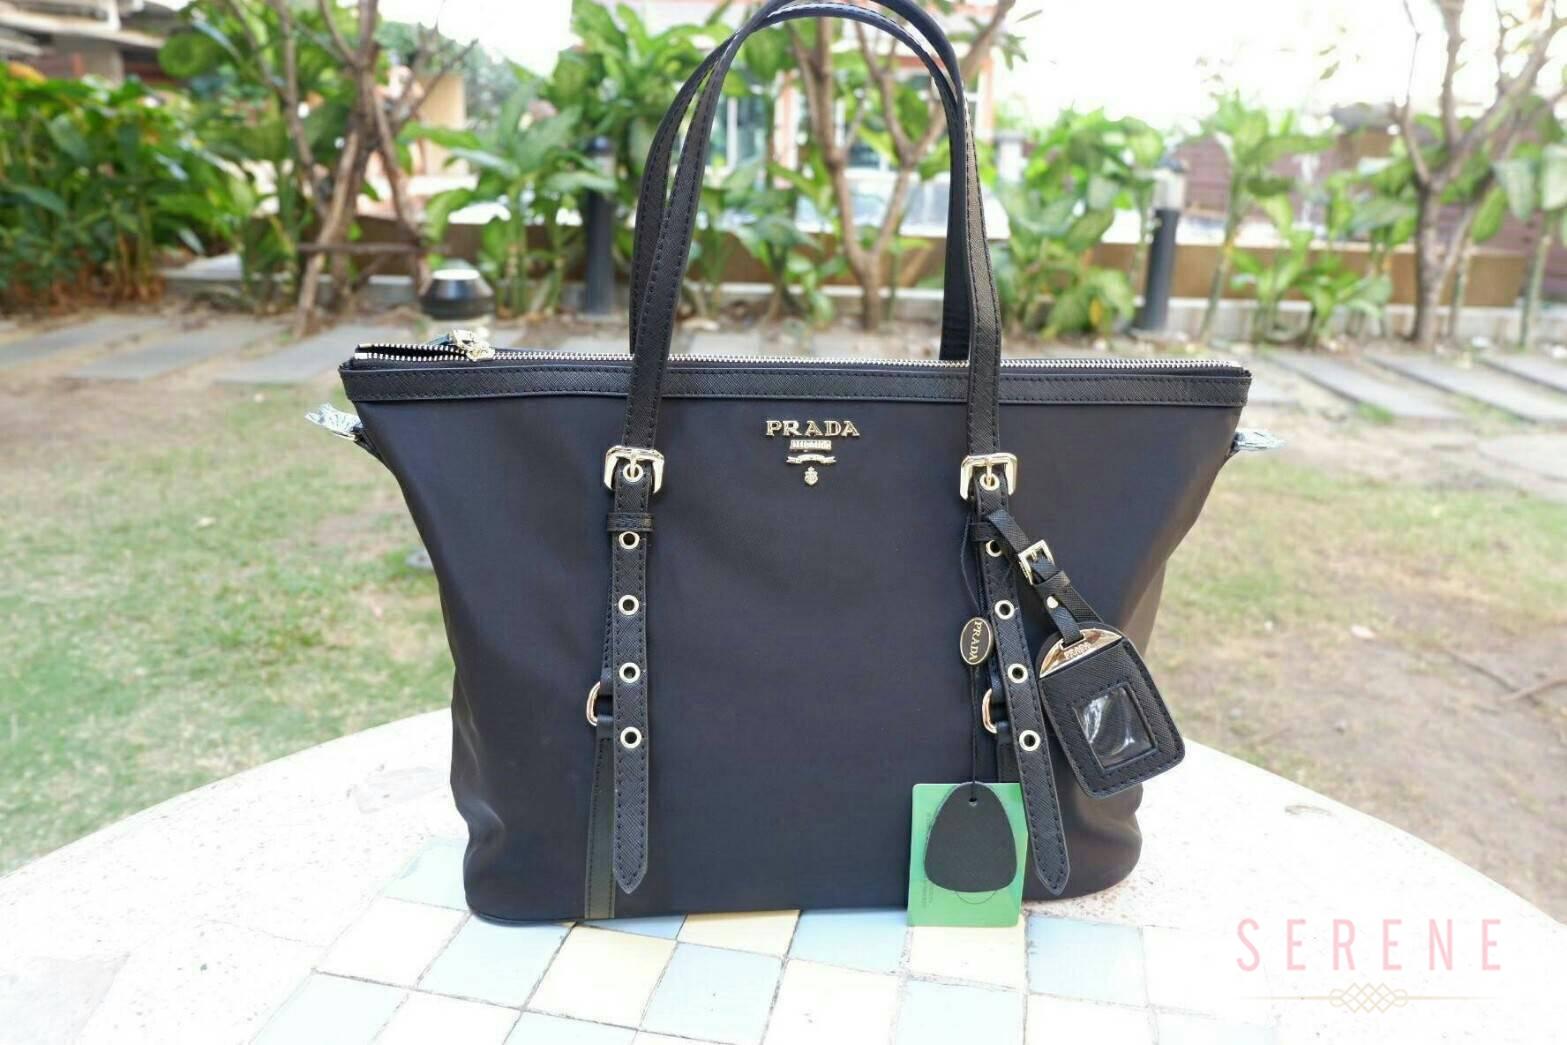 กระเป๋าอเนกประสงค์ PRADA Premium Gift จากเคาน์เตอร์ต่างประเทศ